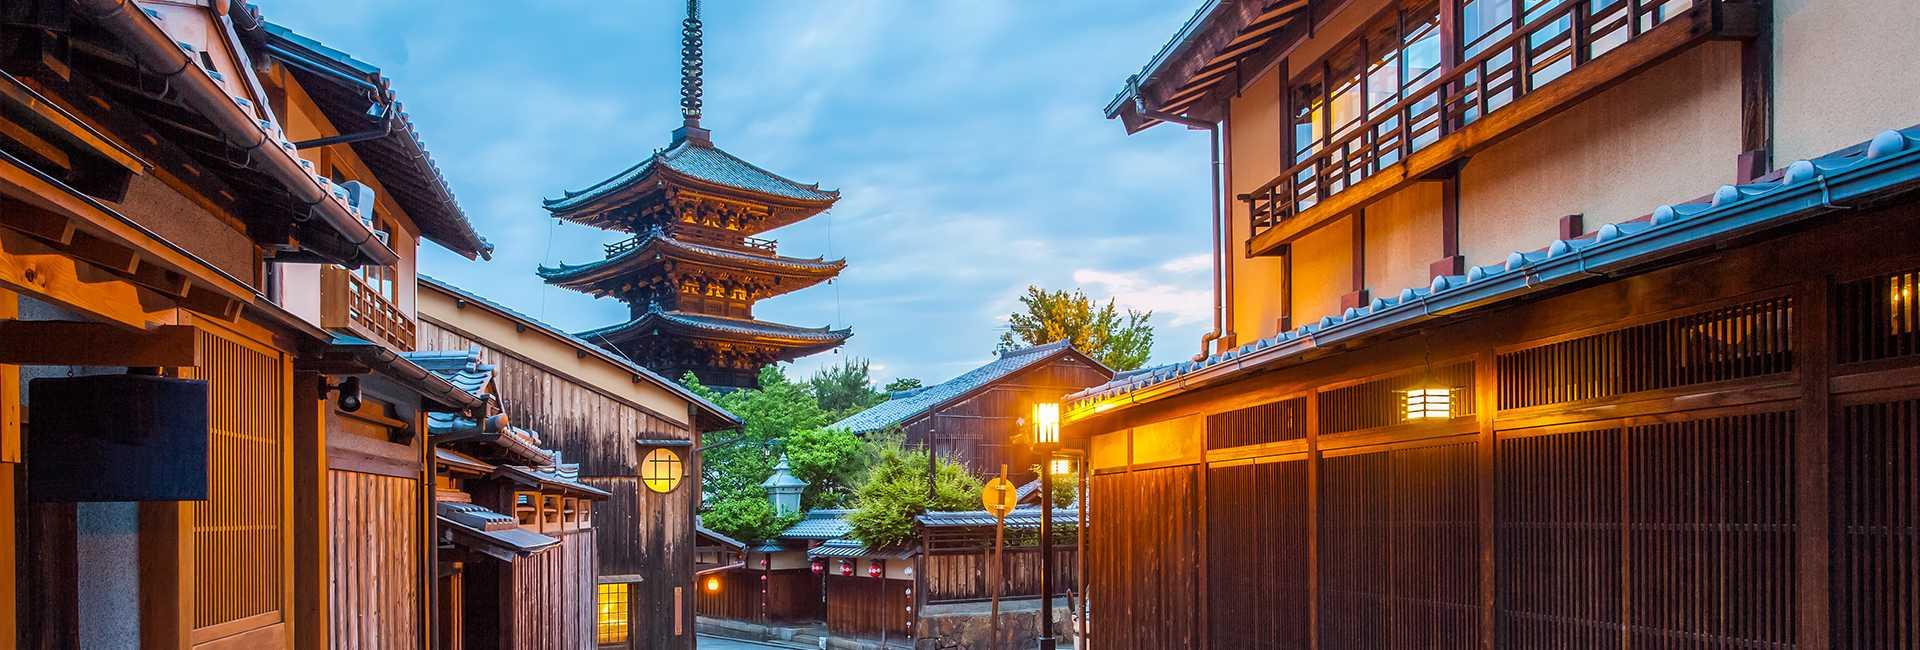 quartier historique de Kyoto